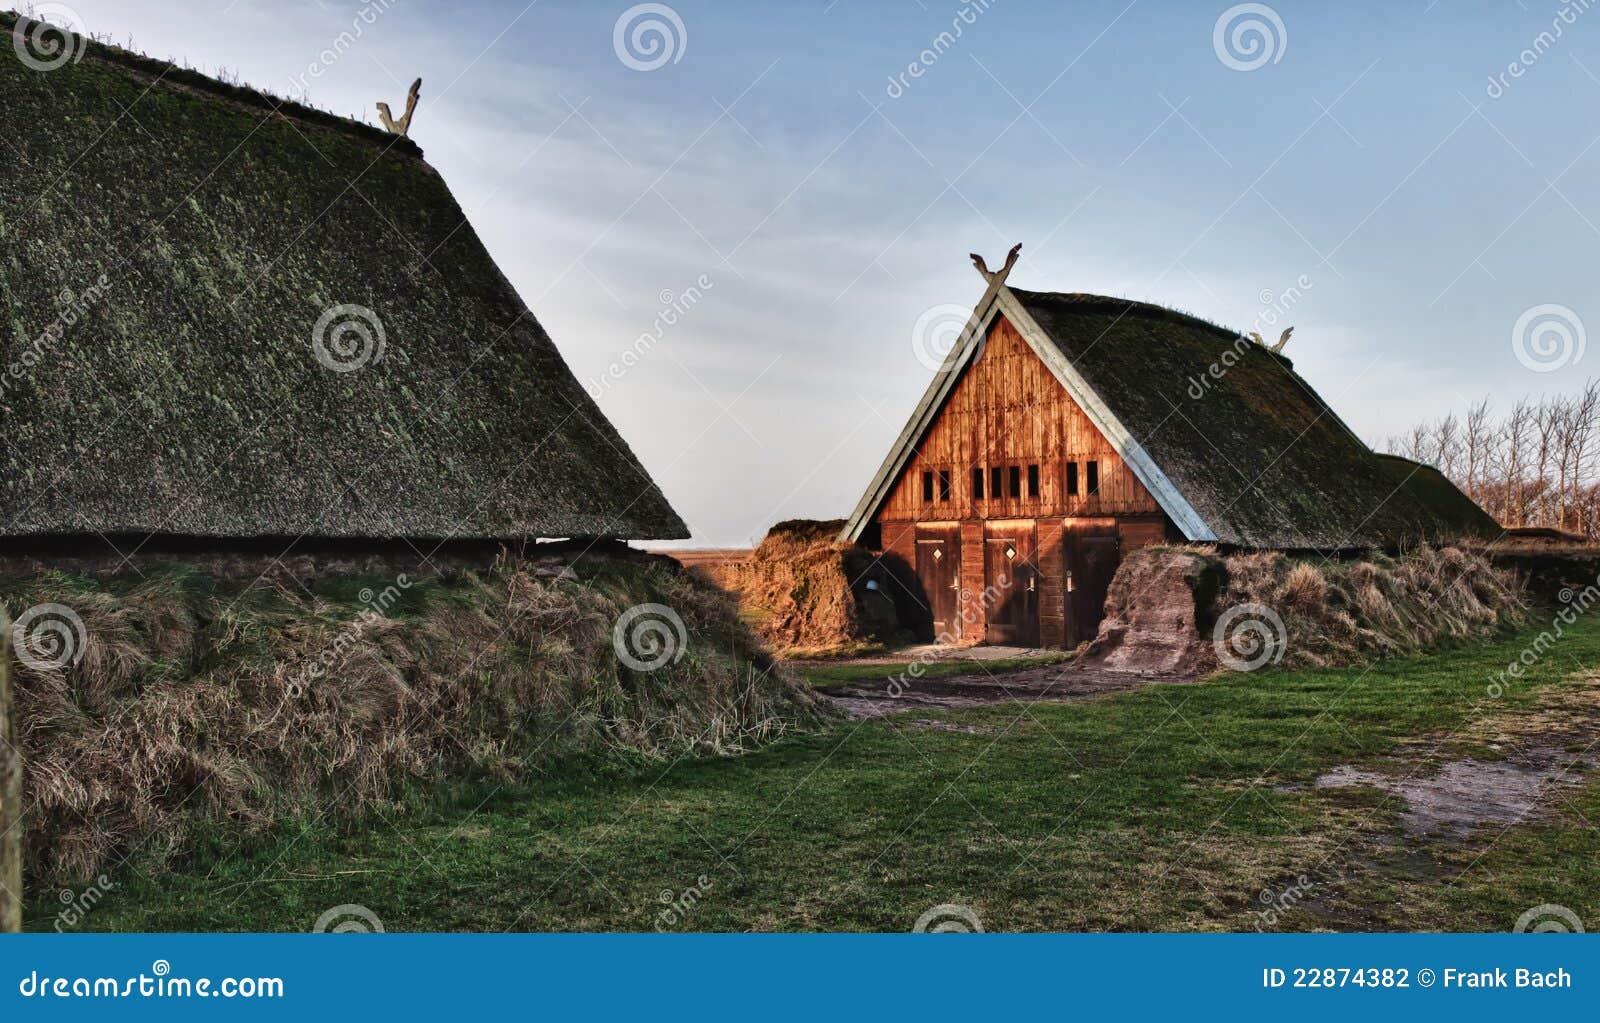 Het traditionele oude huis van de leeftijd van viking stock foto afbeelding 22874382 - Oude huis fotos ...